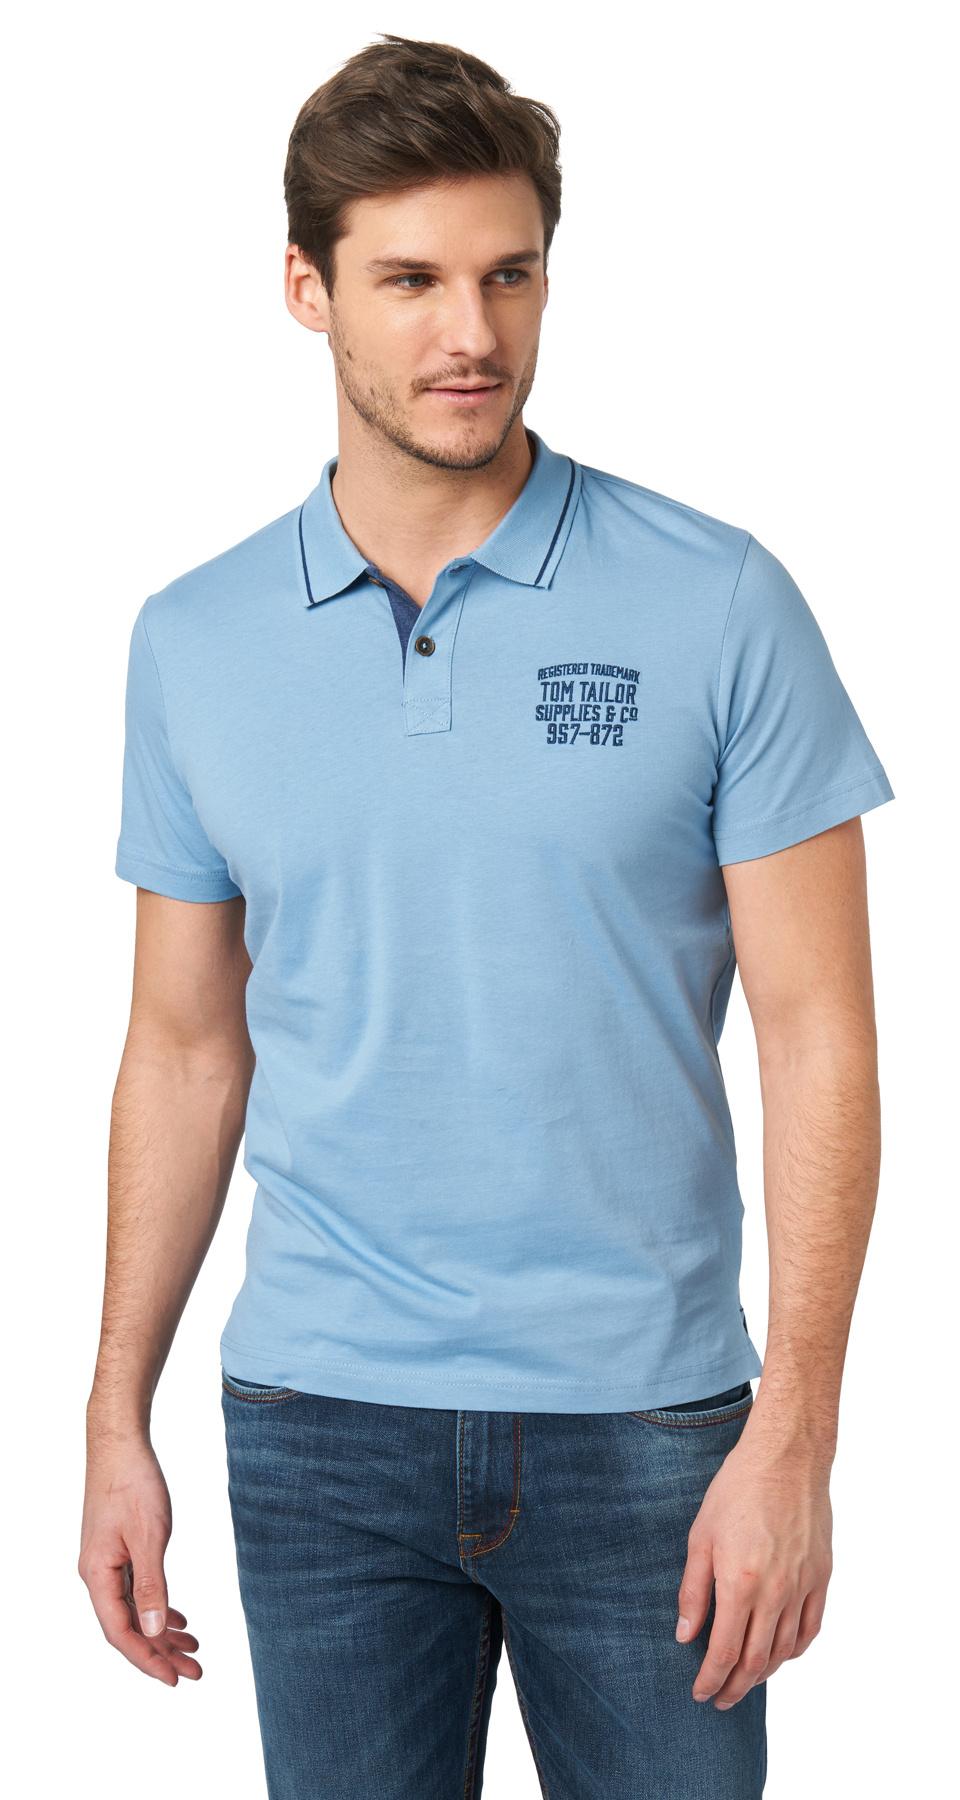 19225021f23 Tom Tailor pánské polo triko 15310370010 6876 Modrá M